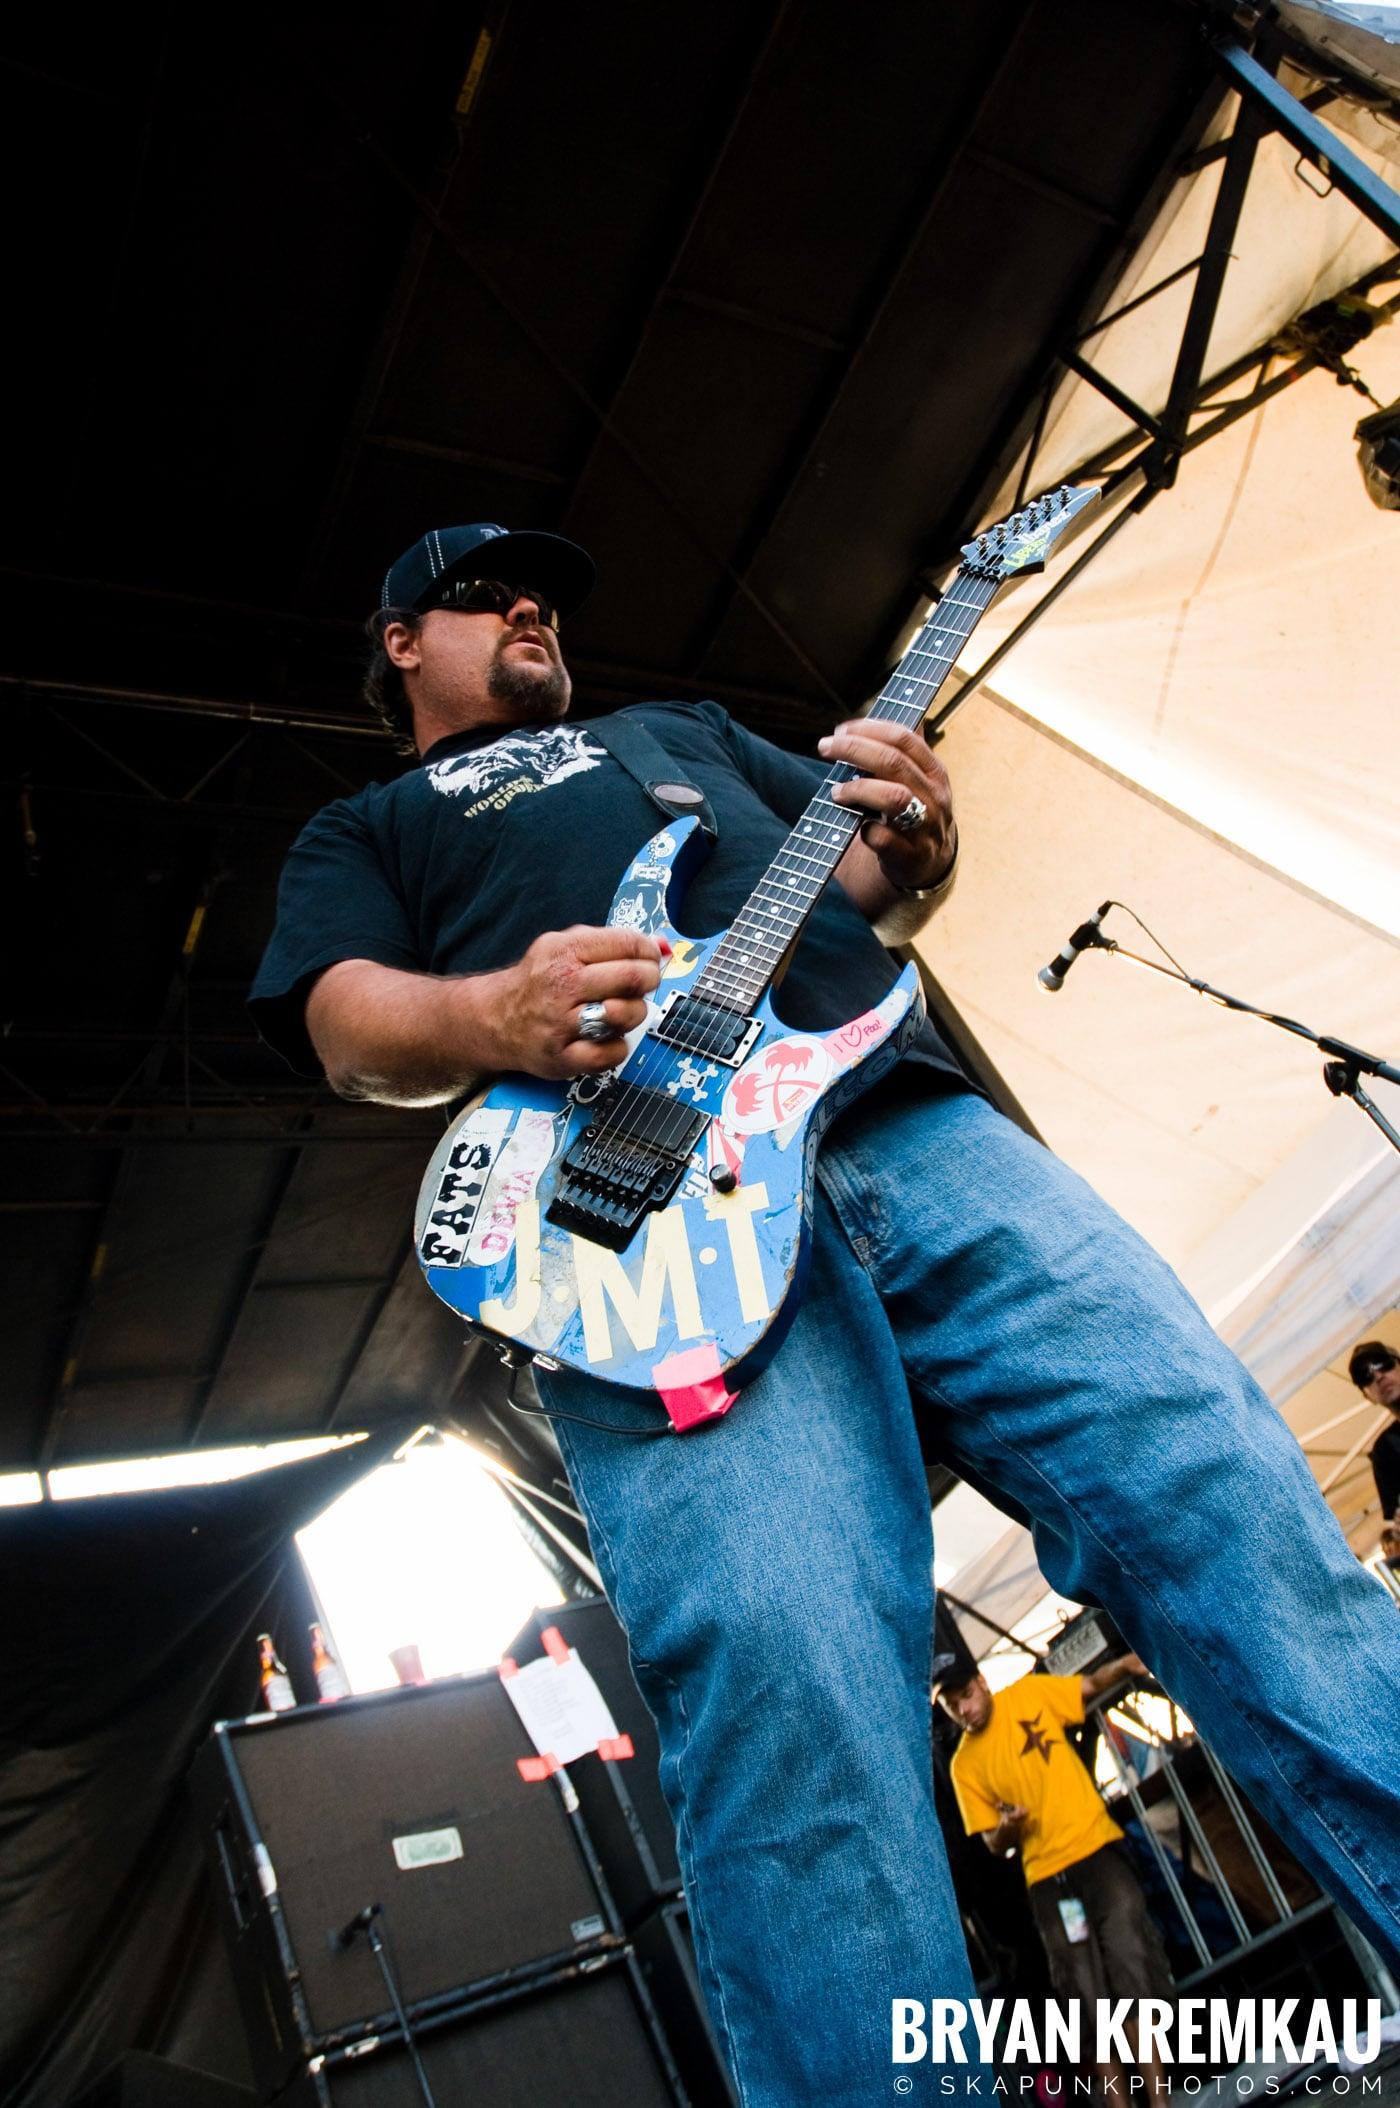 Pennywise @ Warped Tour 08, Scranton PA - 7.27.08 (8)